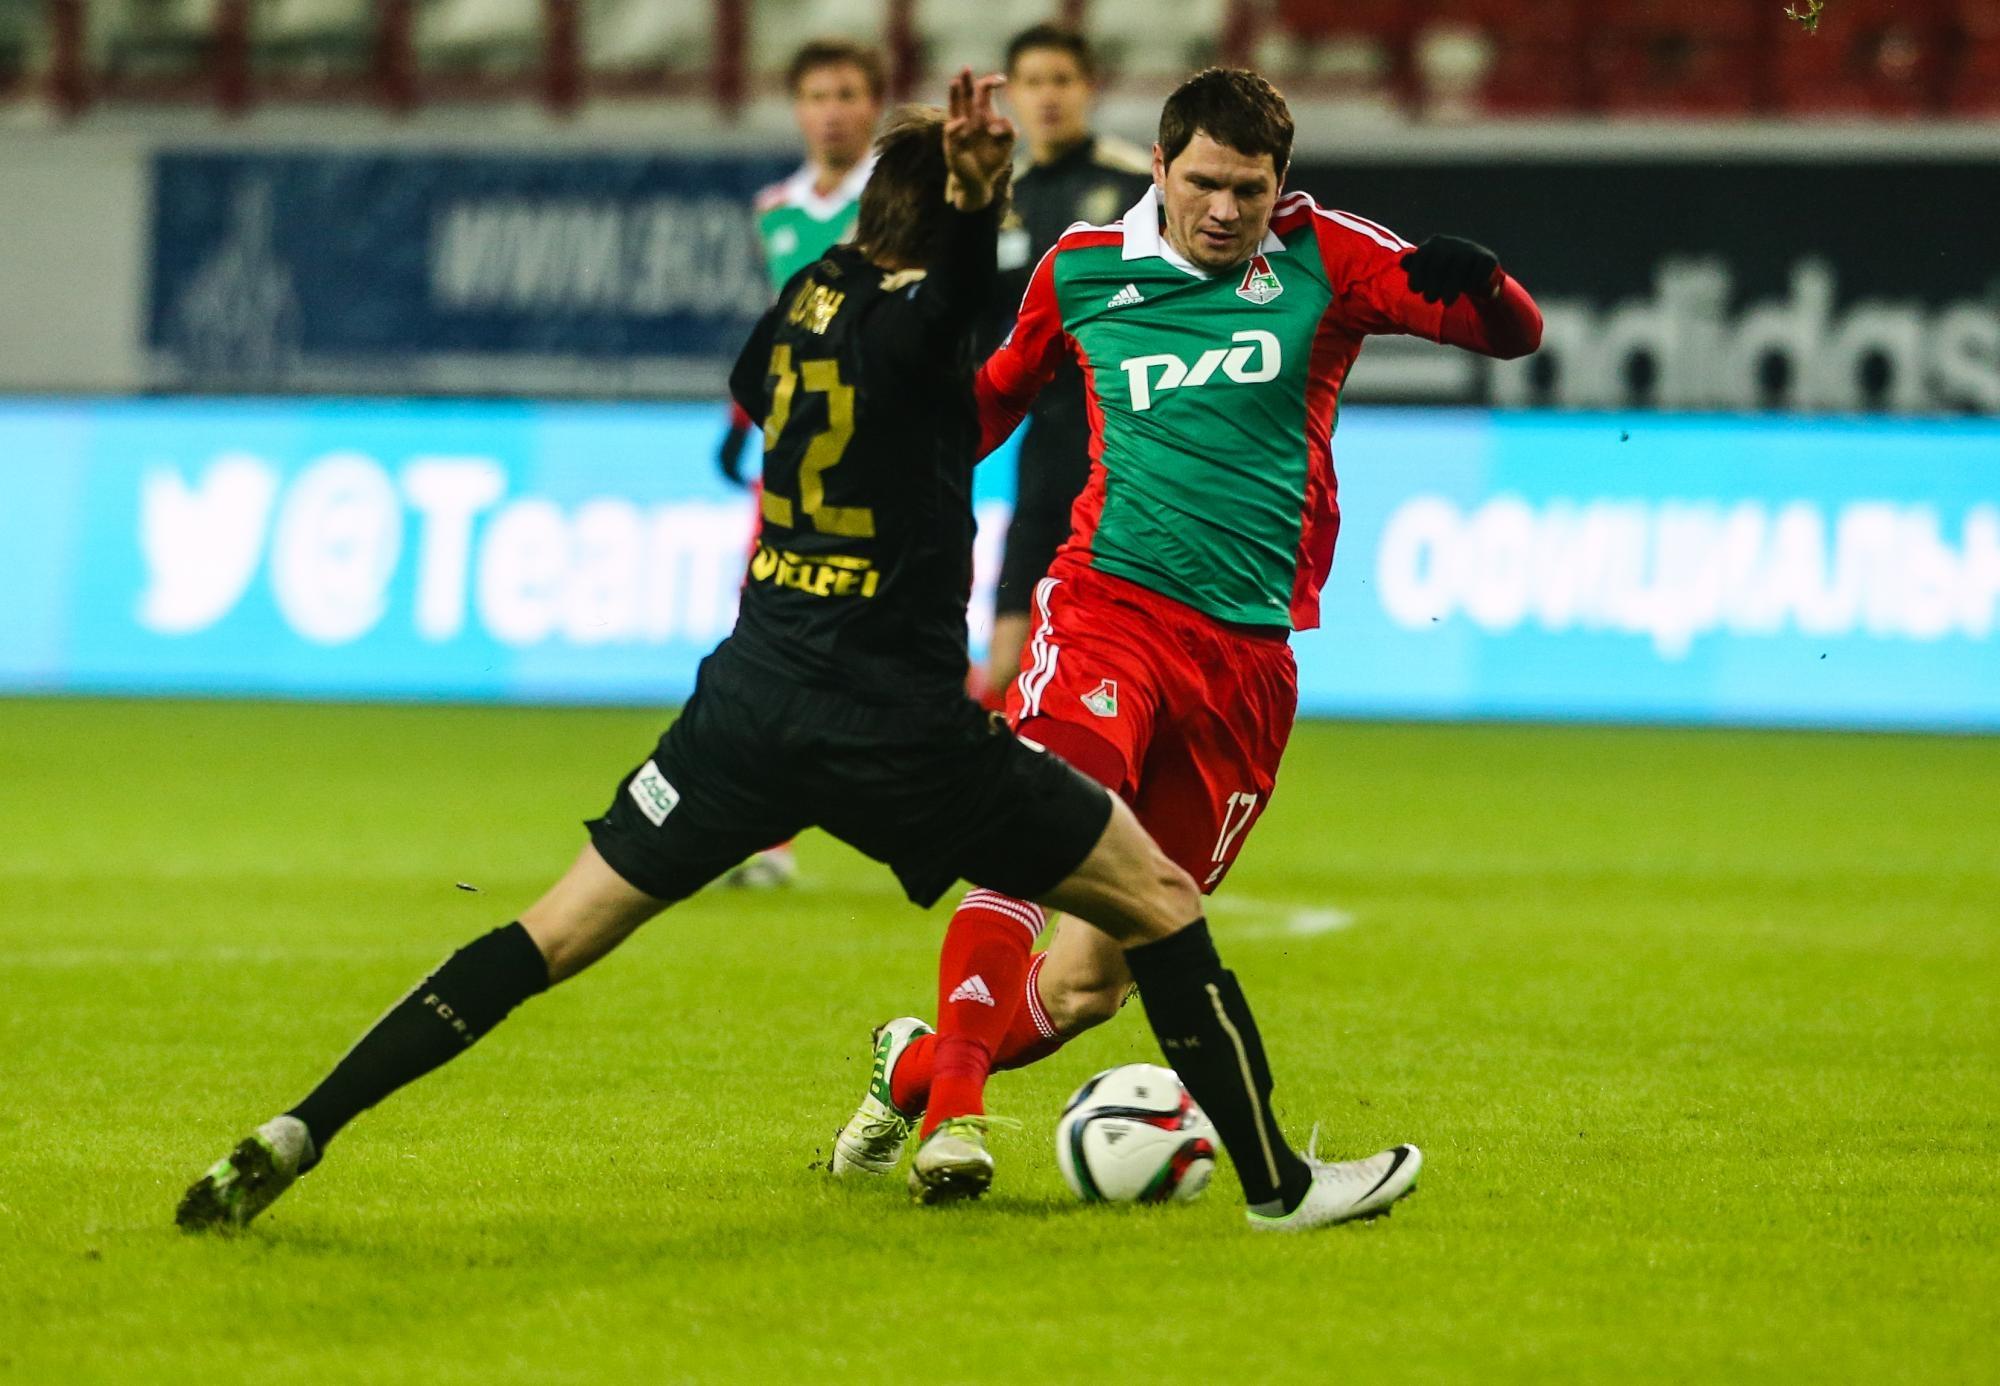 ФК «Локомотив» продлил договор сзащитником Михаликом доконца сезона